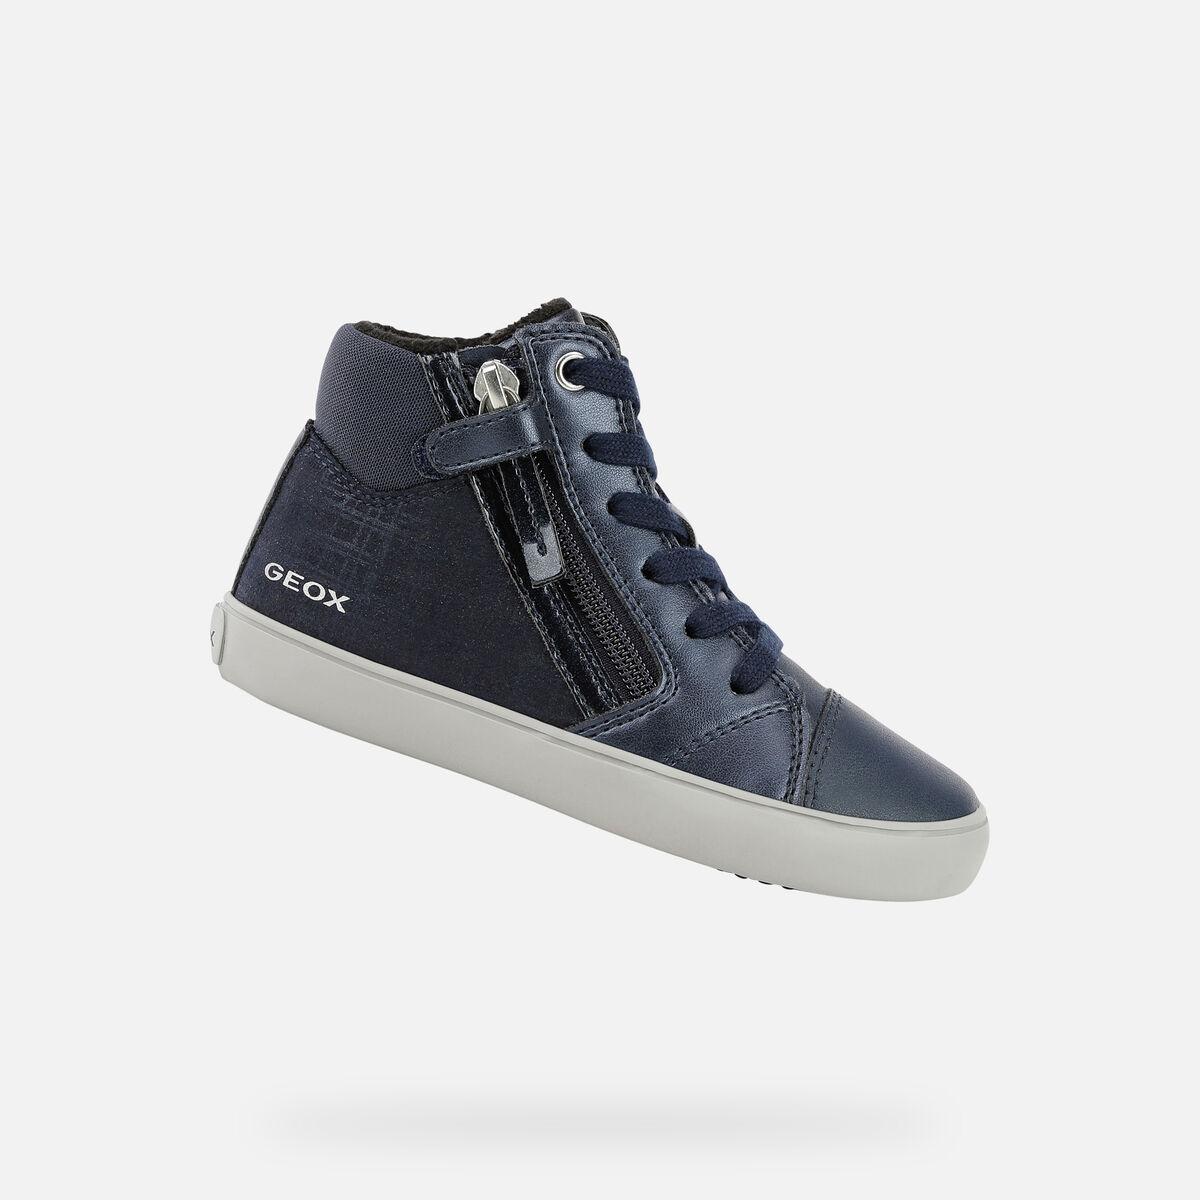 GEOX dětské kotníkové boty GISLI GIRL modré - J044NC